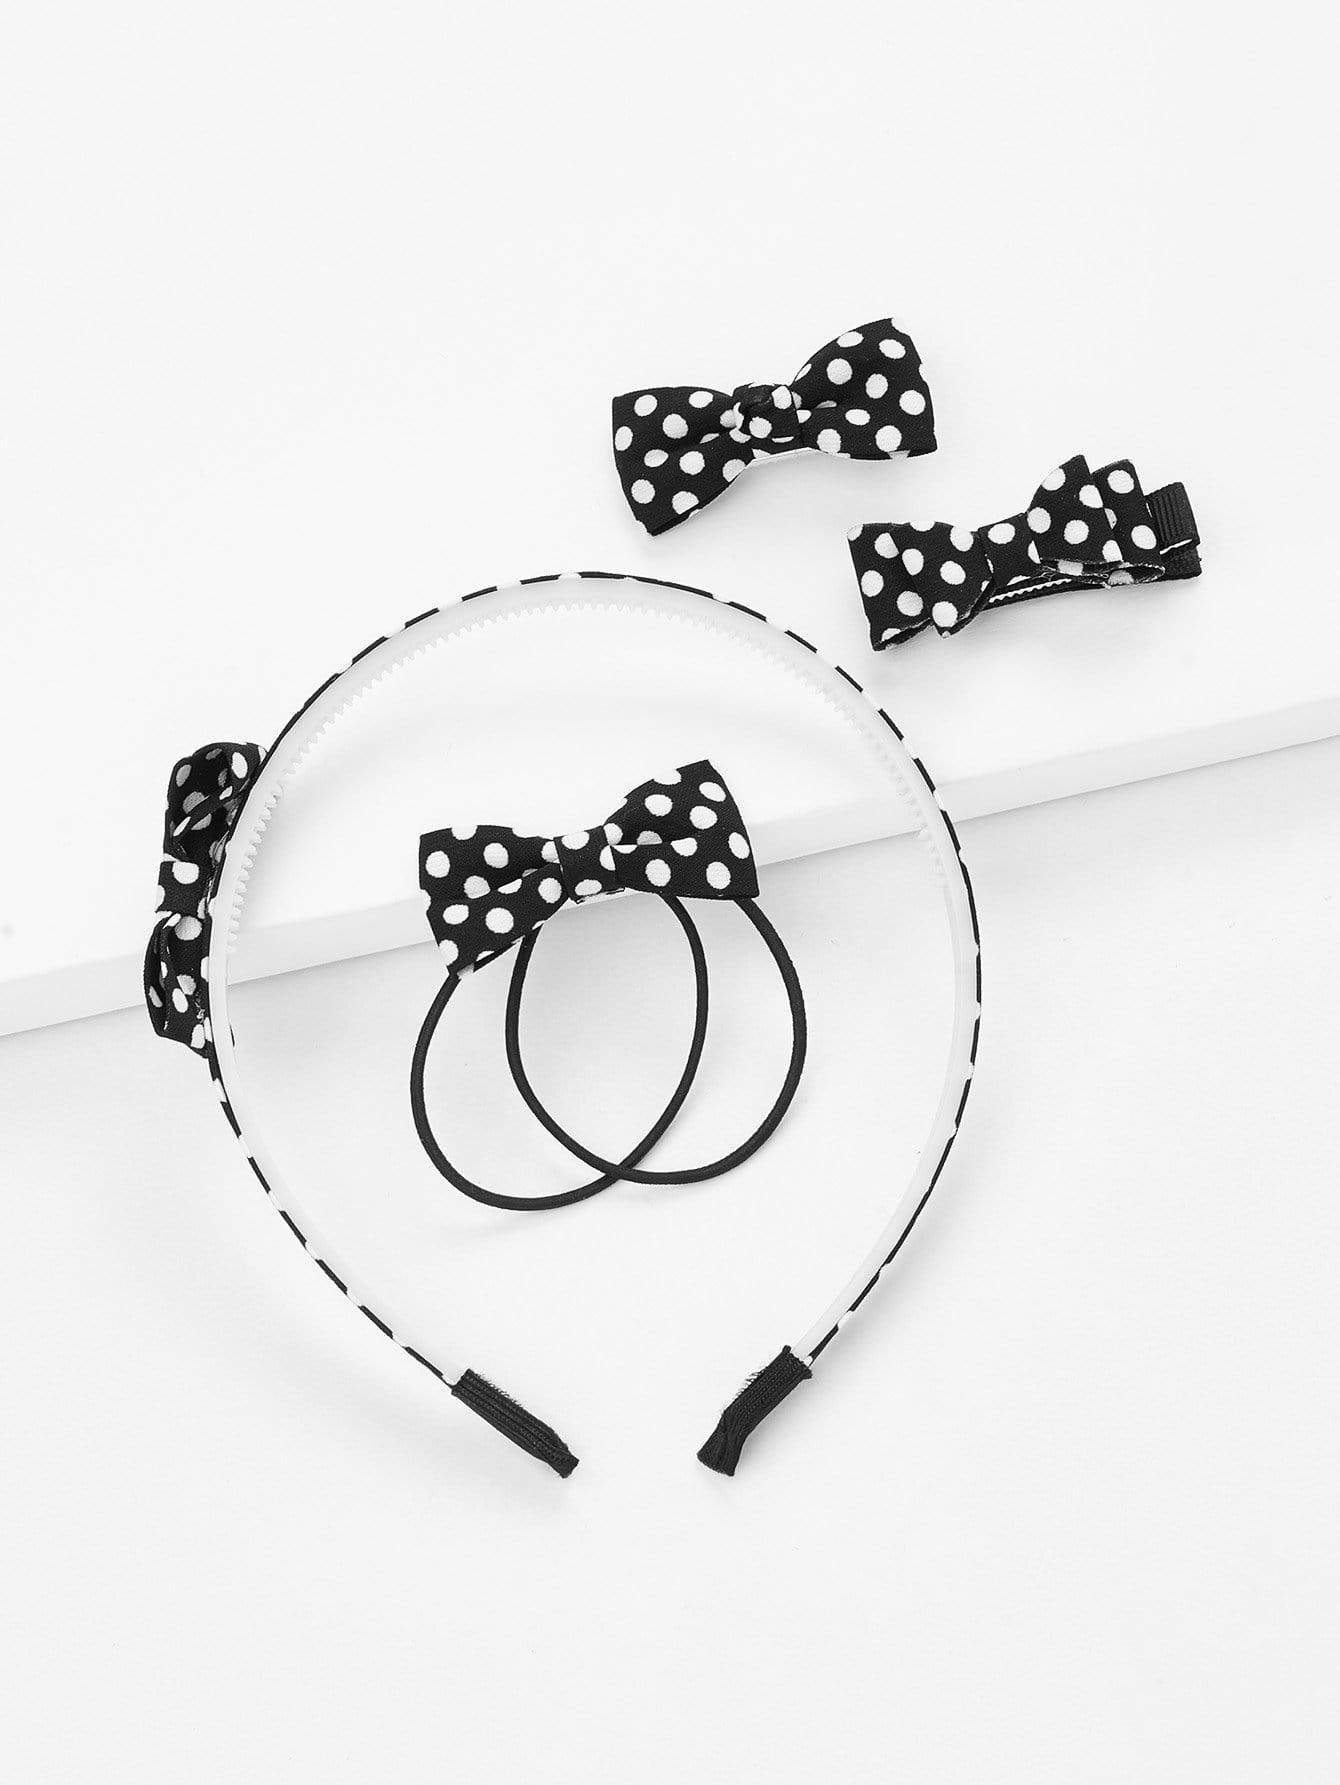 Polka Dot Bow Hair Accessories 5pcs m mism fashion bow knot hair bands cute headband hair accessories ornaments hair hoop for girls kids head wear children